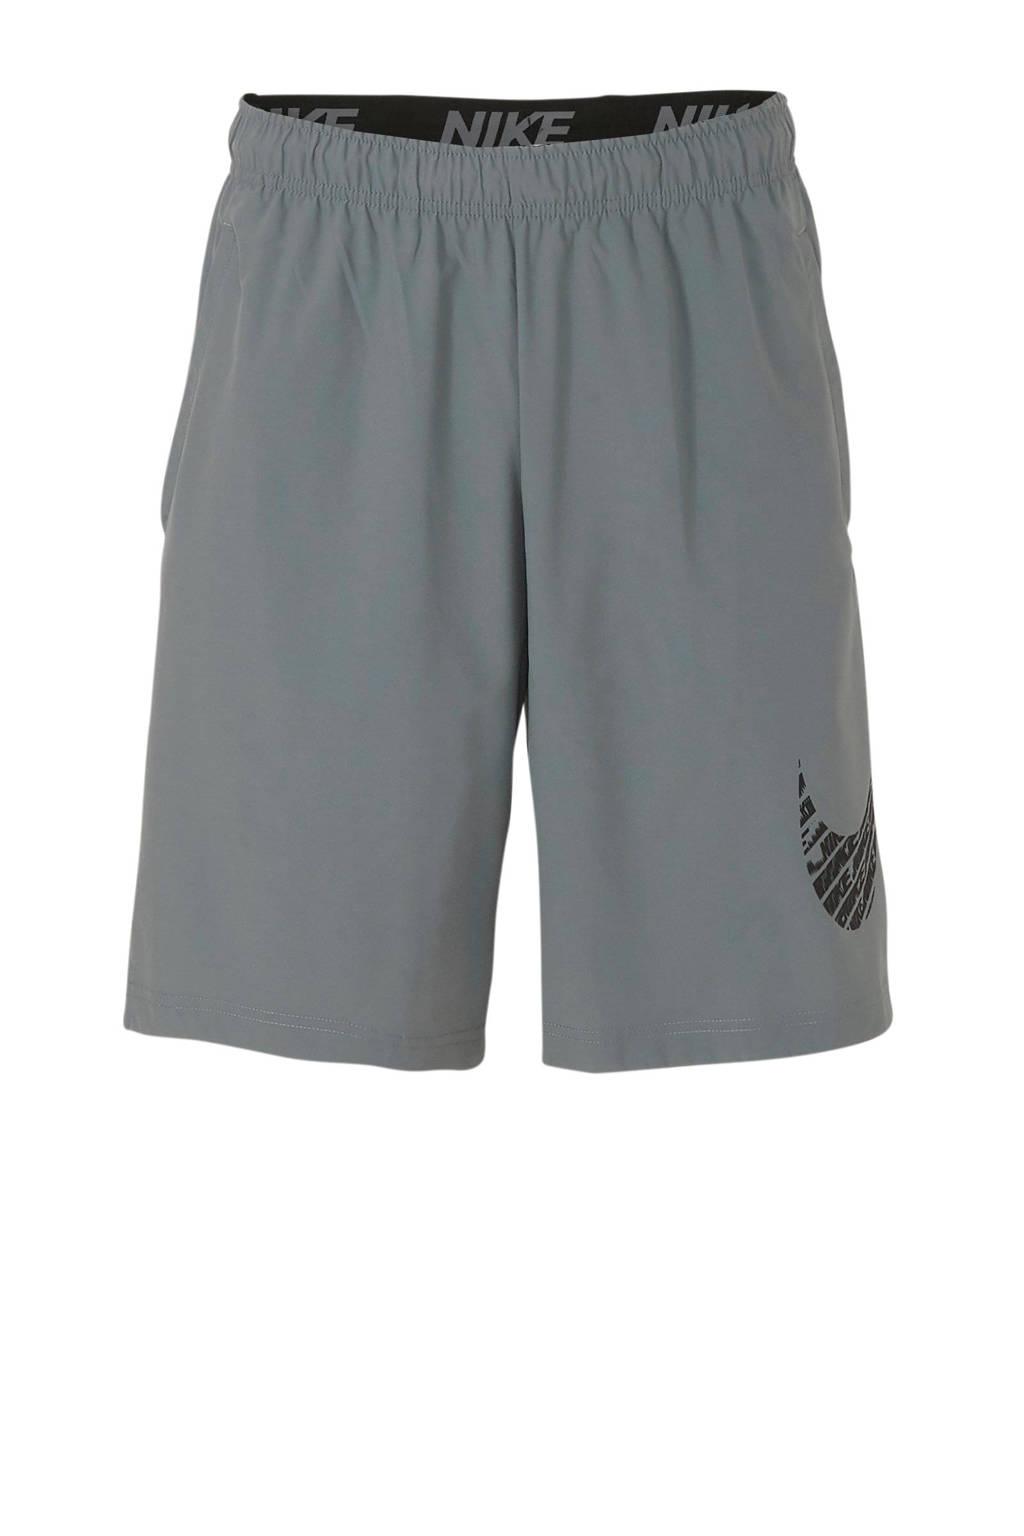 Nike   sportshort grijs, Grijs